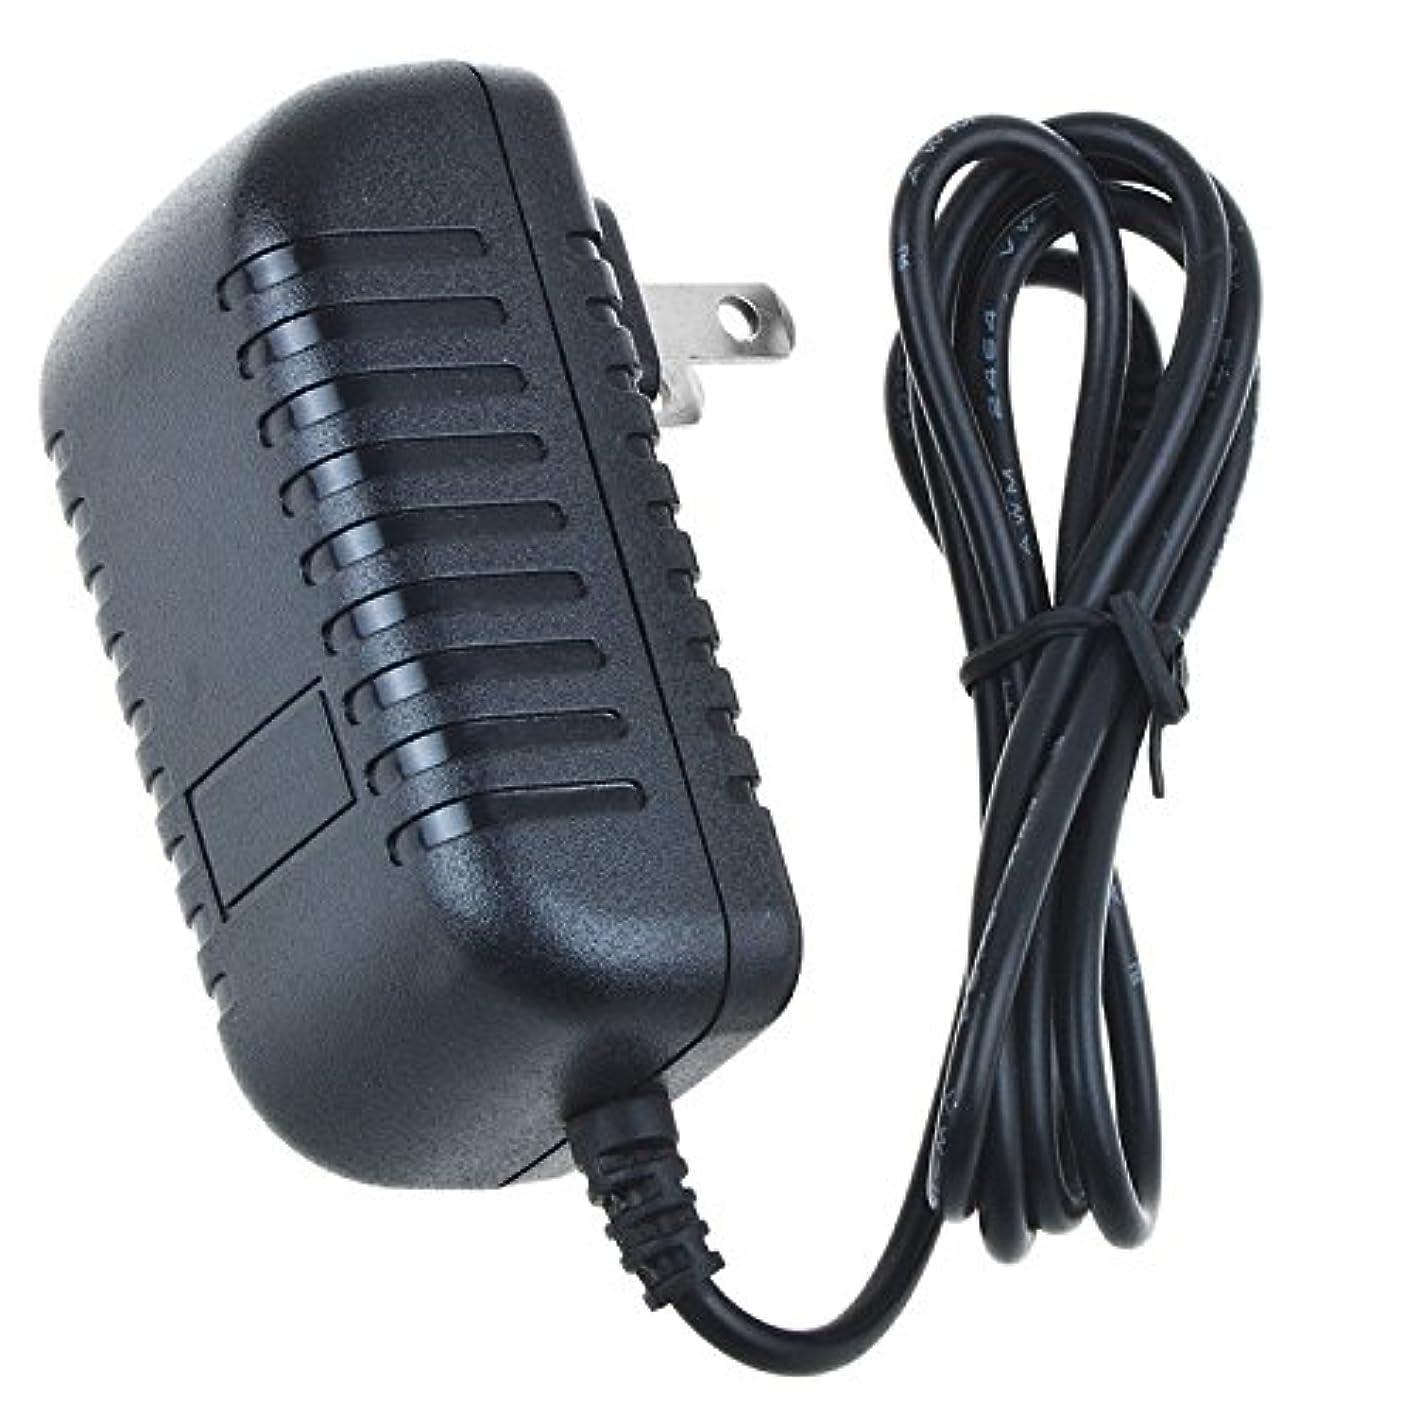 PK Power AC Adapter Charger for Black & Decker 371415-11 B&D 37151511 371415-04 371415-08PK Power hhzptzfvzsy480